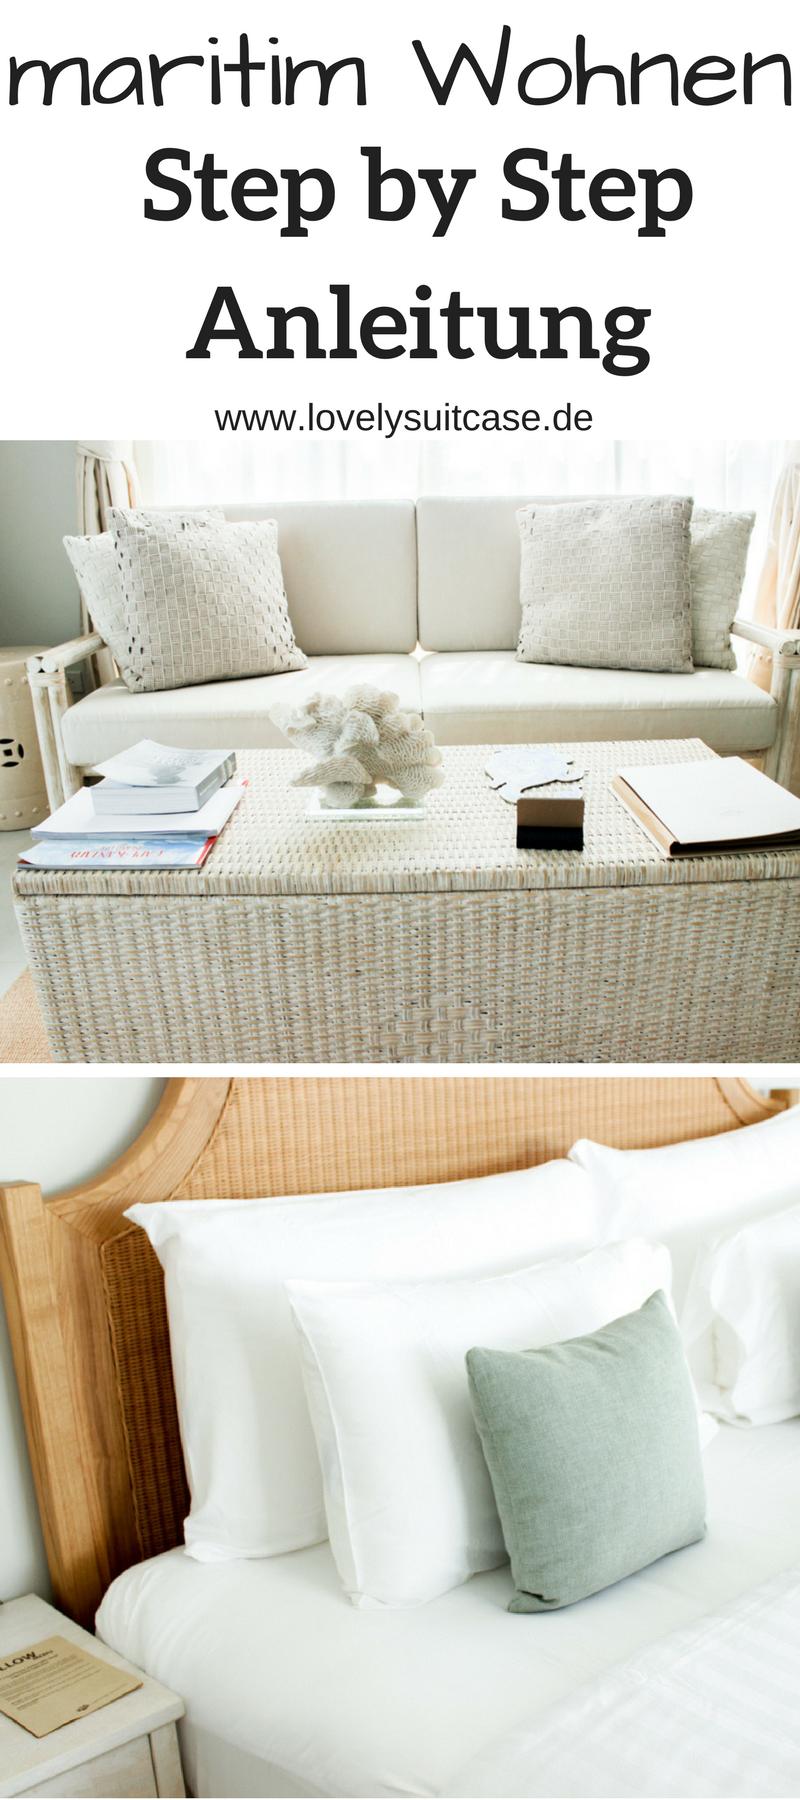 So gestaltest du dein Zimmer im maritimen Stil | Suitcase